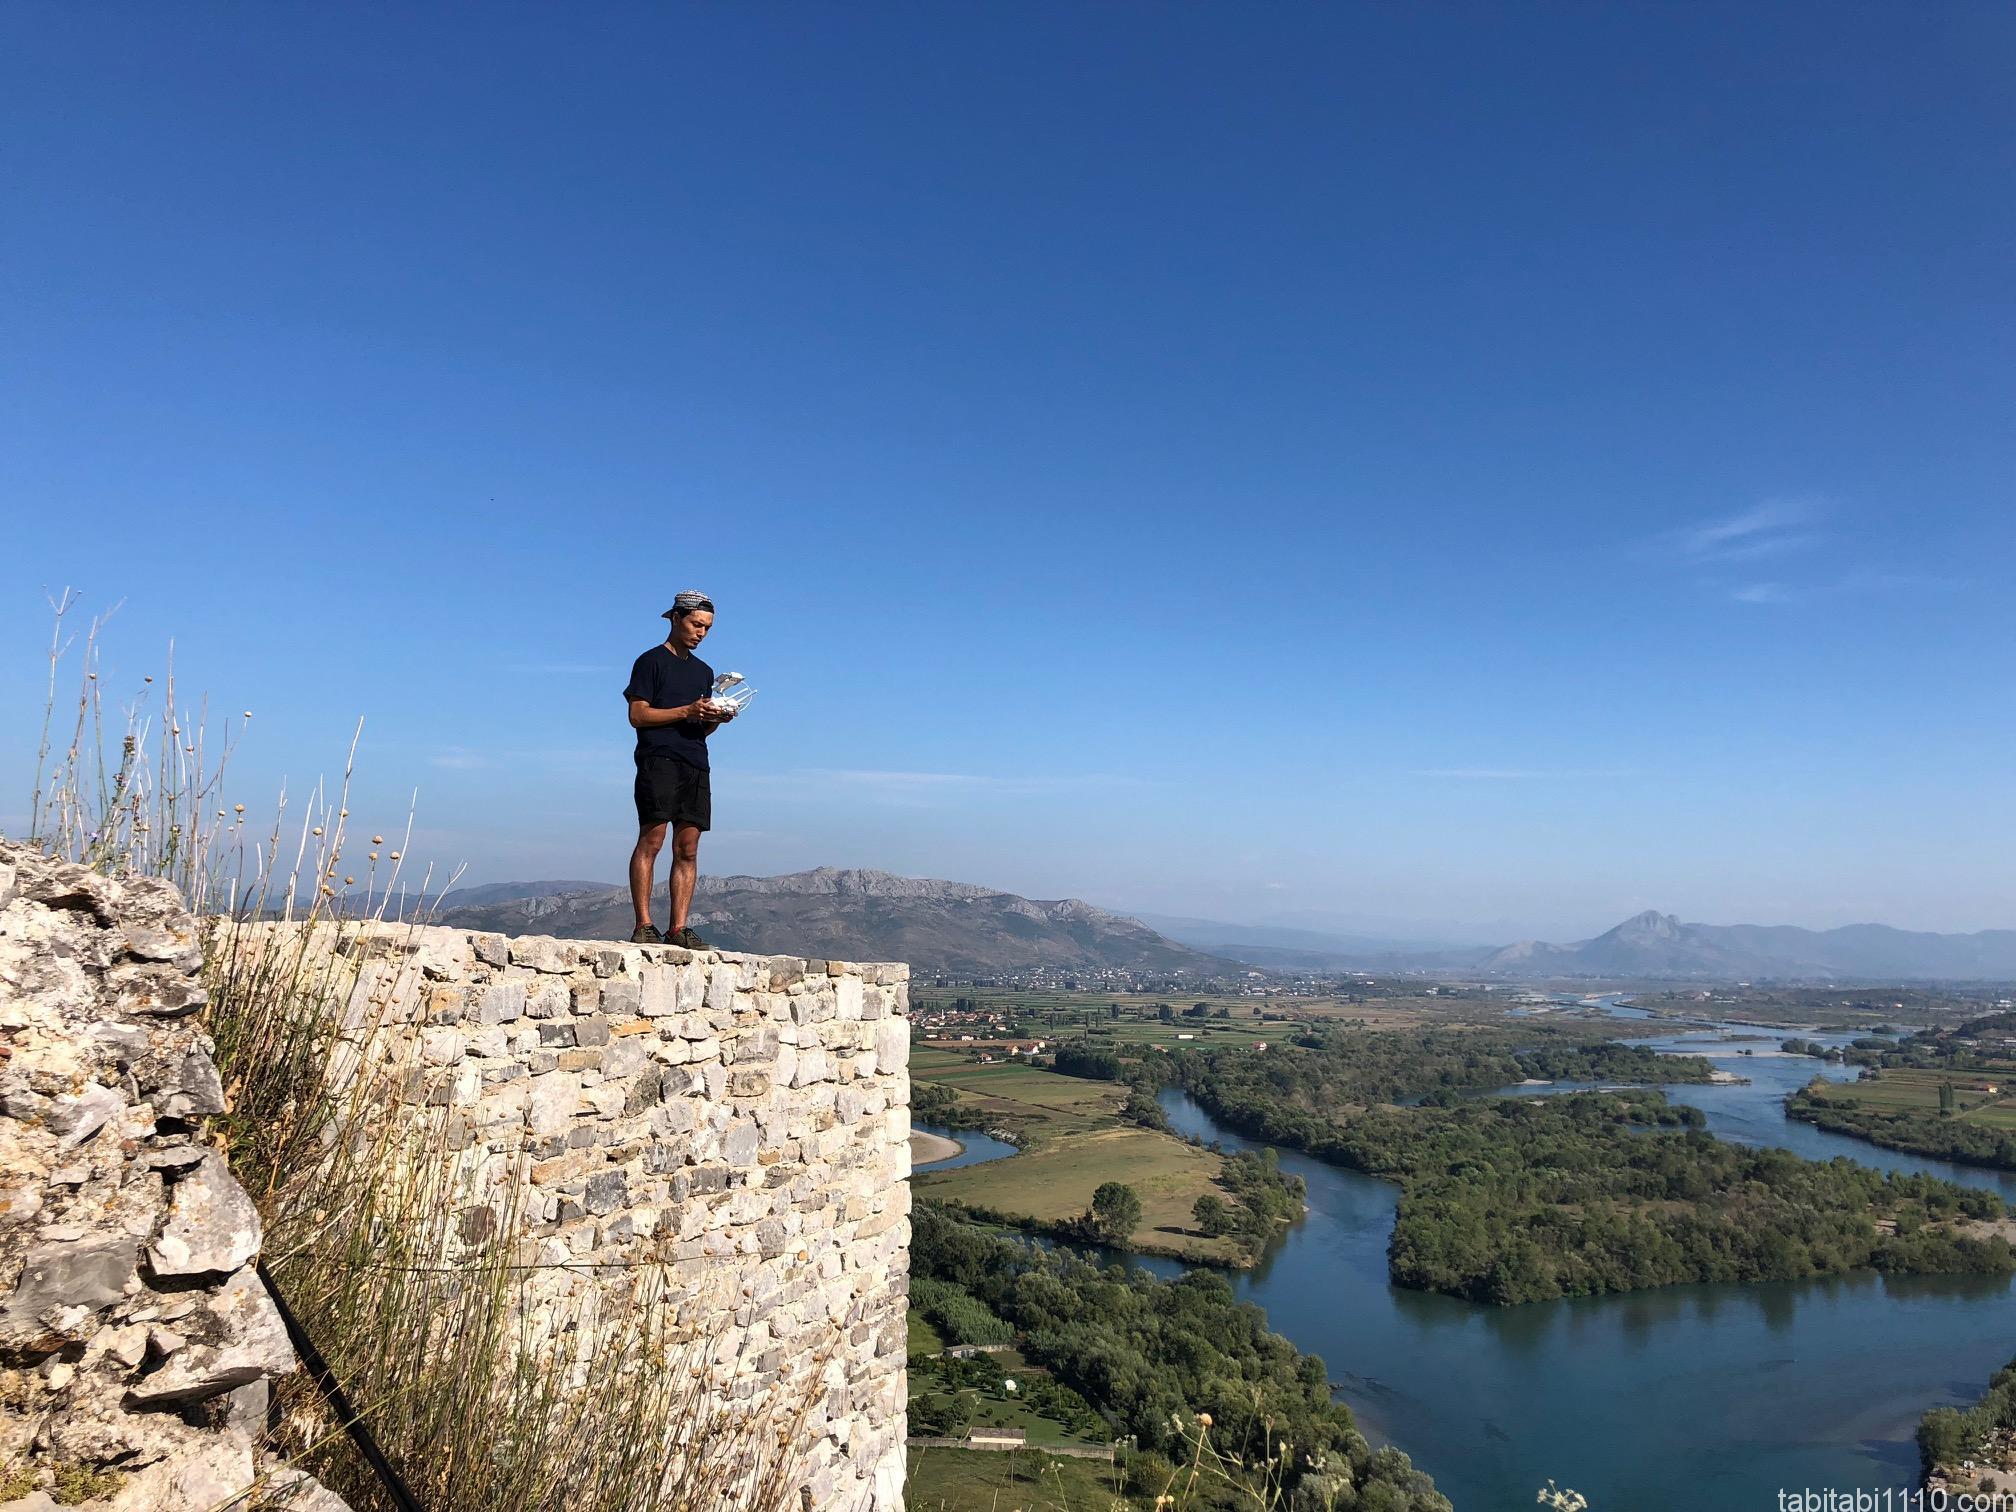 シュコドラ|ロザファ城でドローン空撮